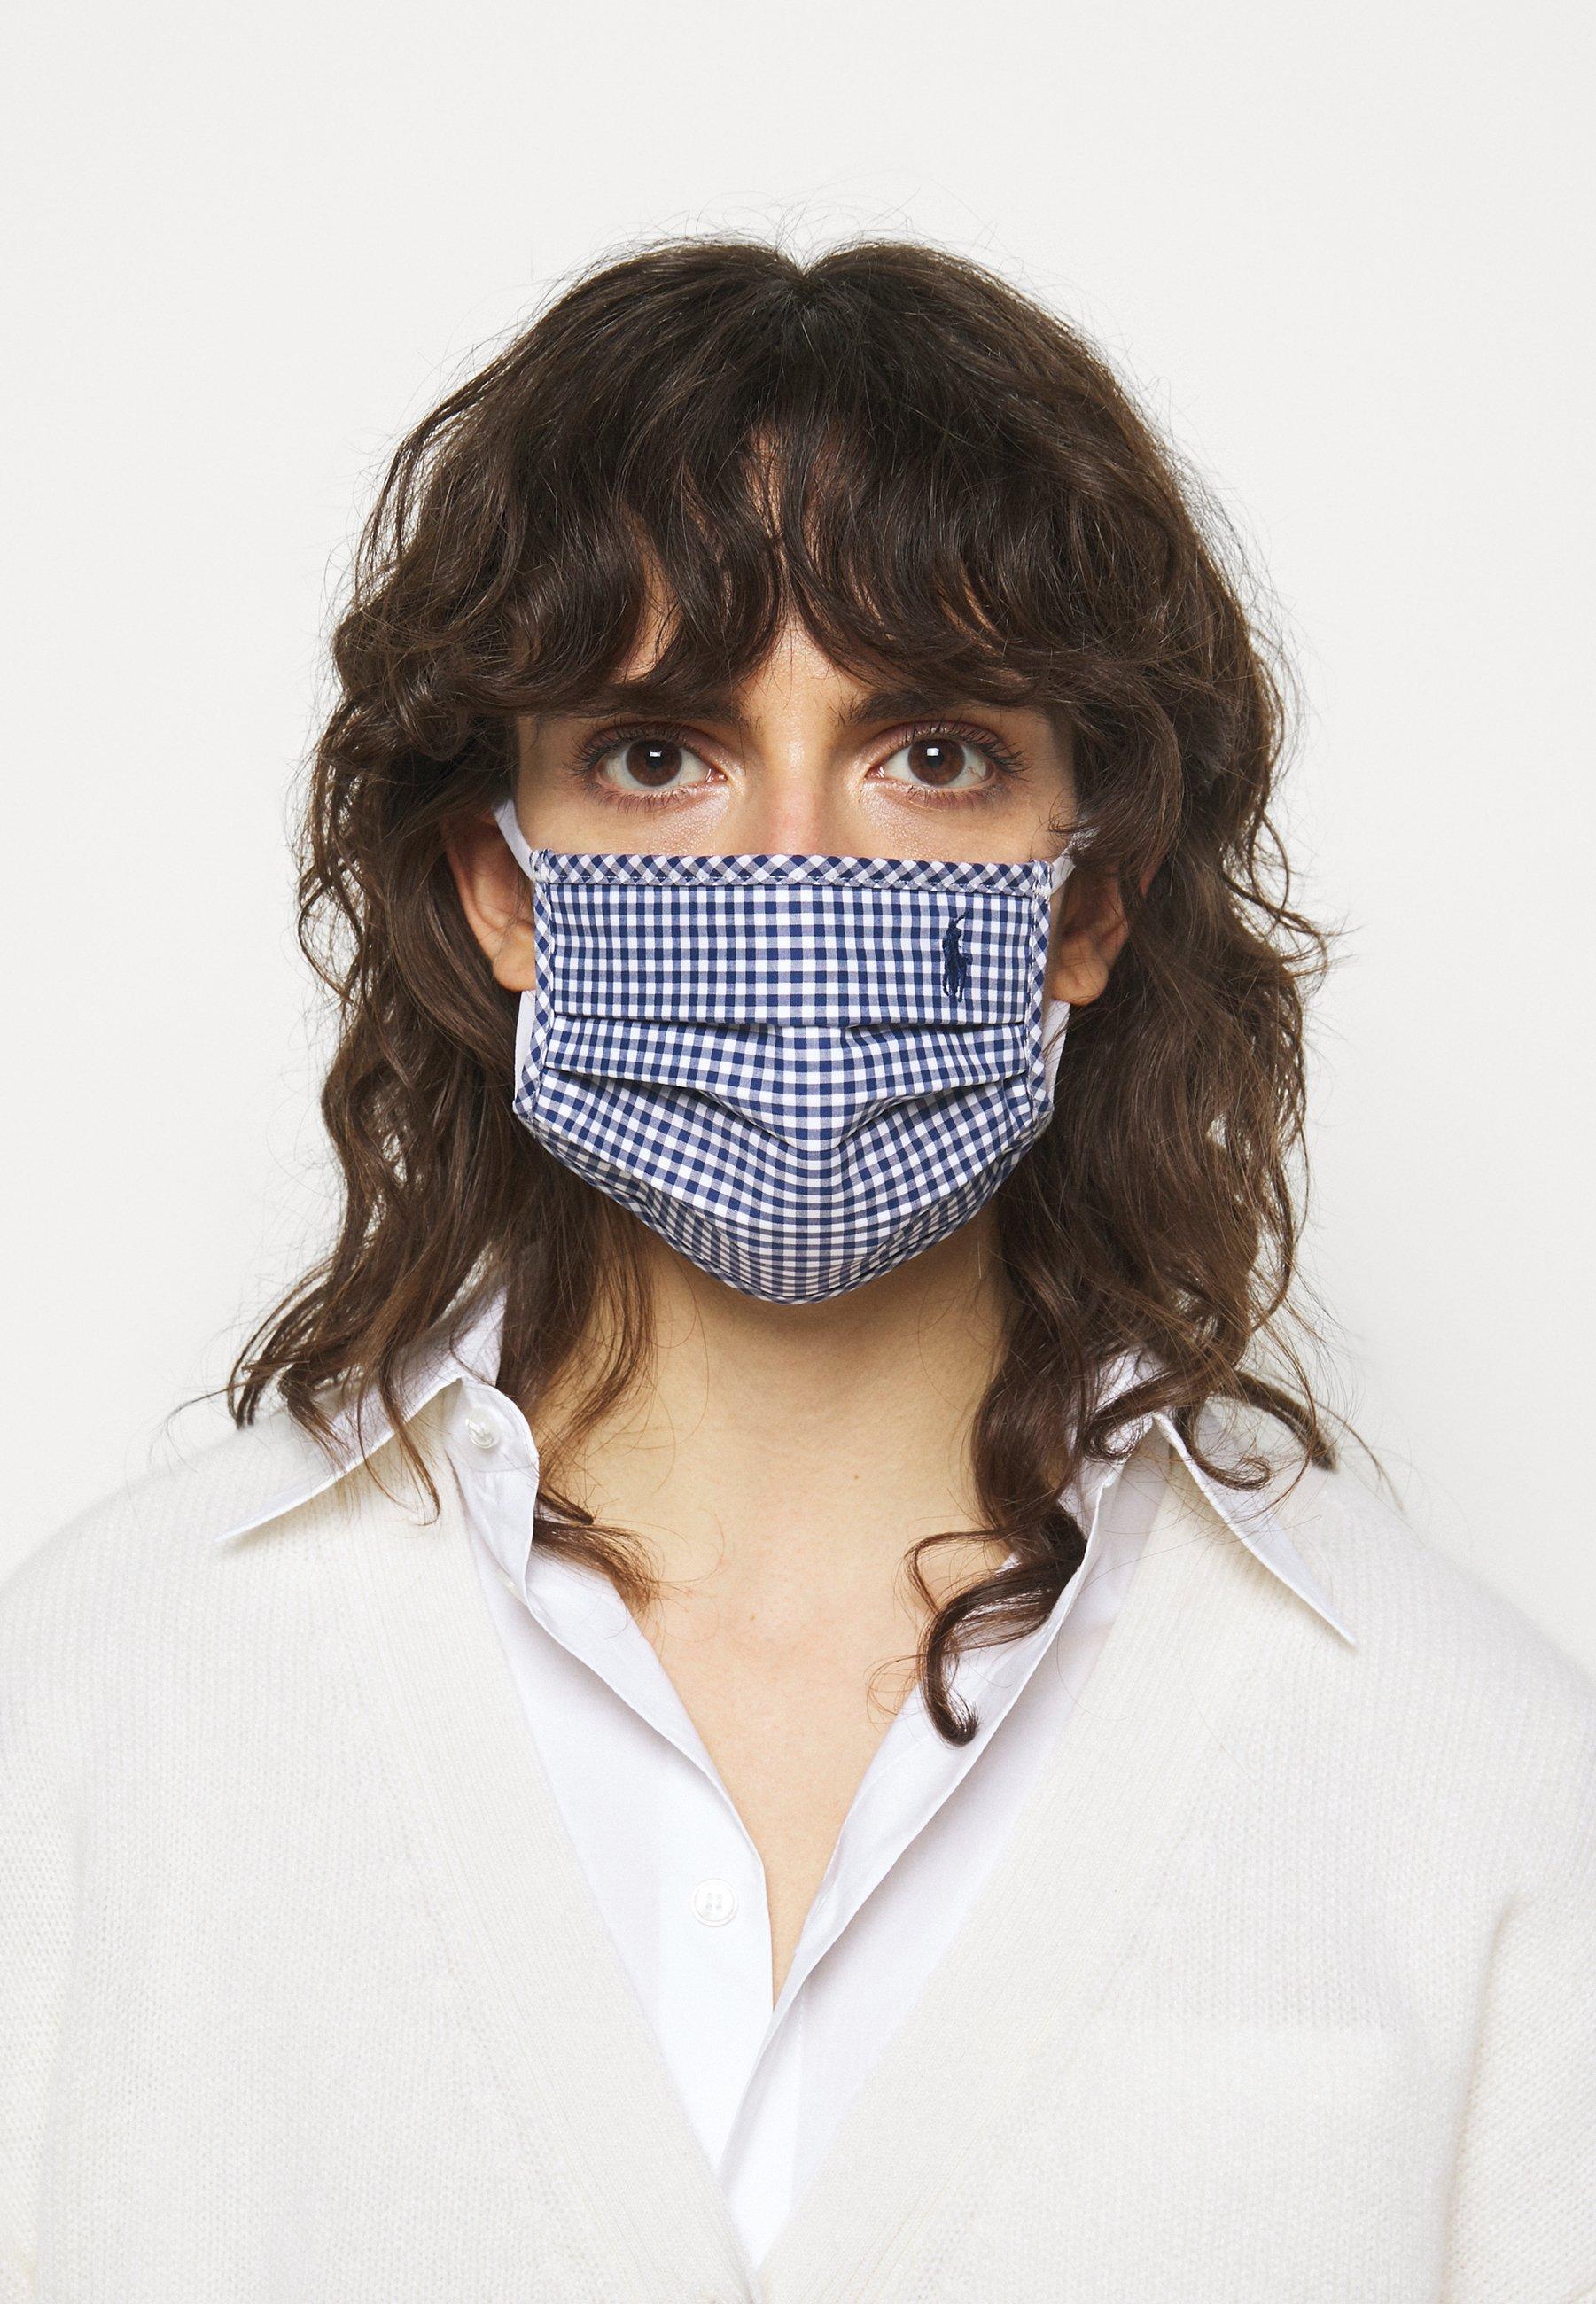 Women PLAINWEAVE MASK UNISEX - Community mask